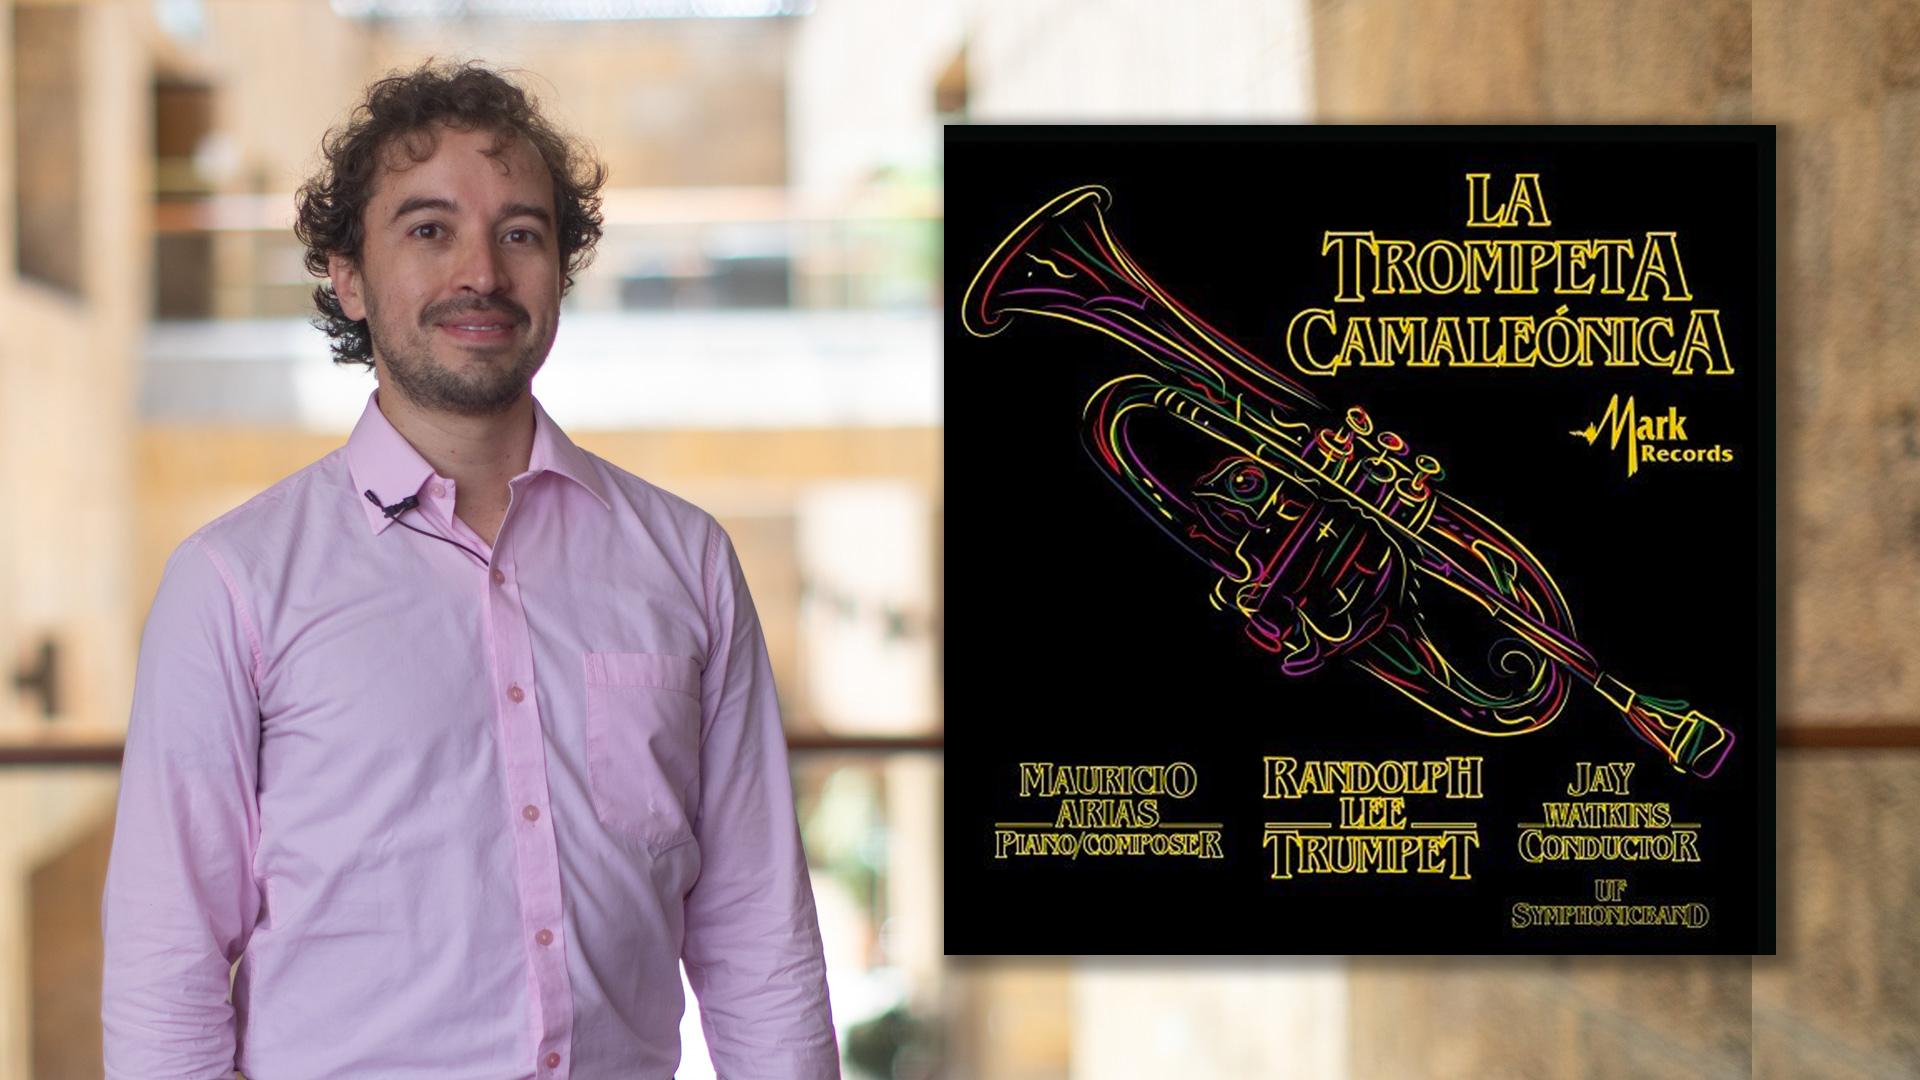 La trompeta camaleónica: el más reciente lanzamiento de las obras de nuestro profesor Mauricio Arias